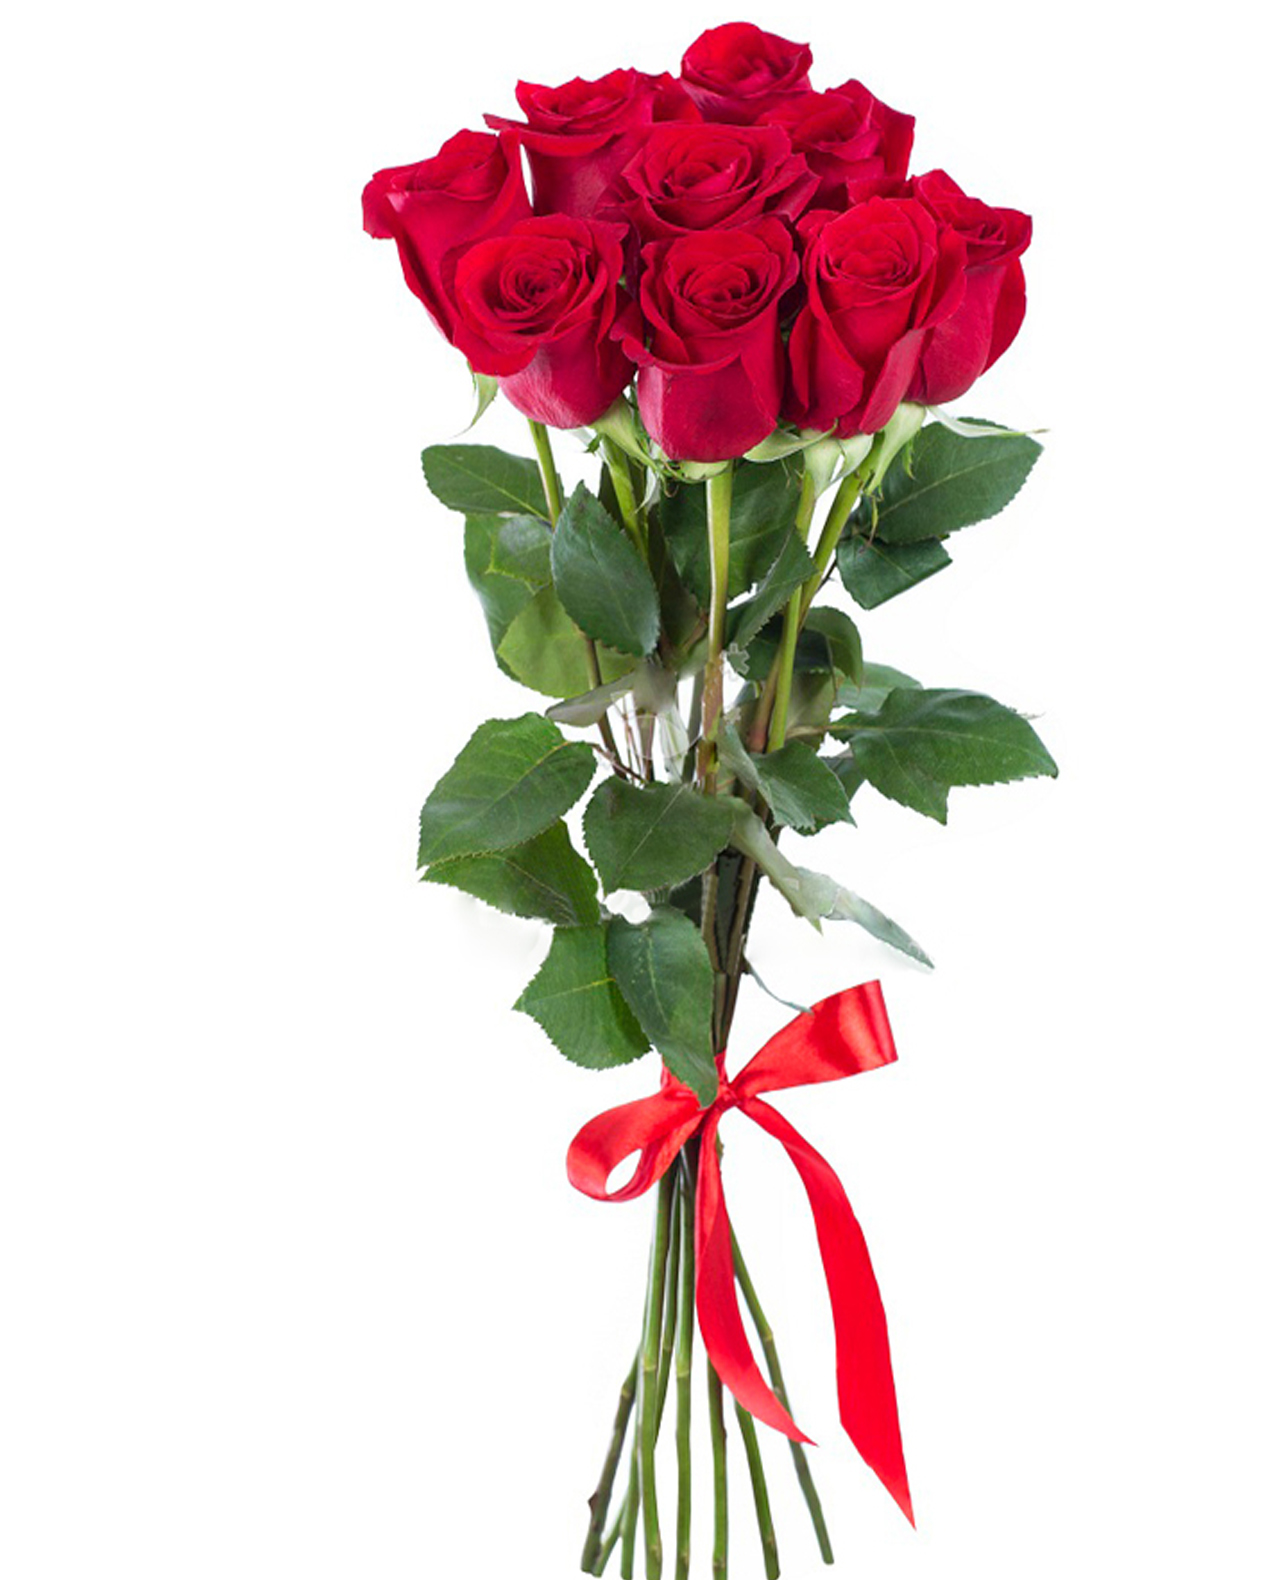 вязаные розы фото пять штук начала покажем